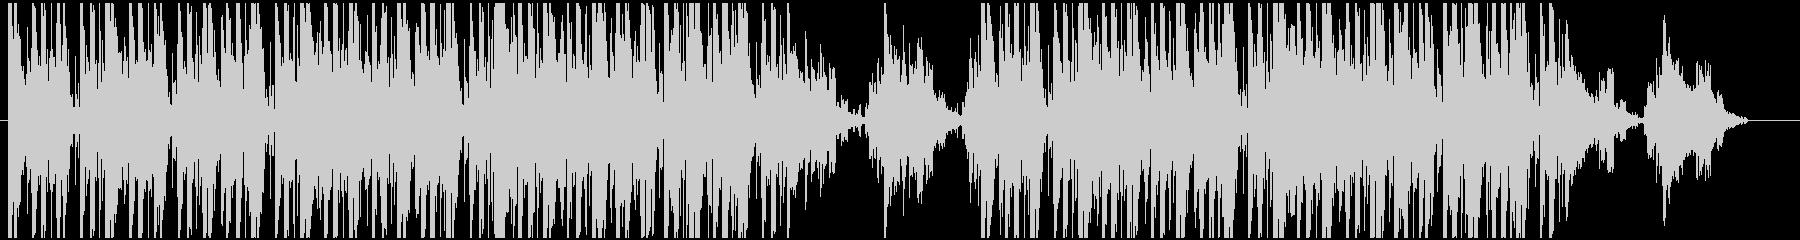 ジャジーなヒップホップの未再生の波形